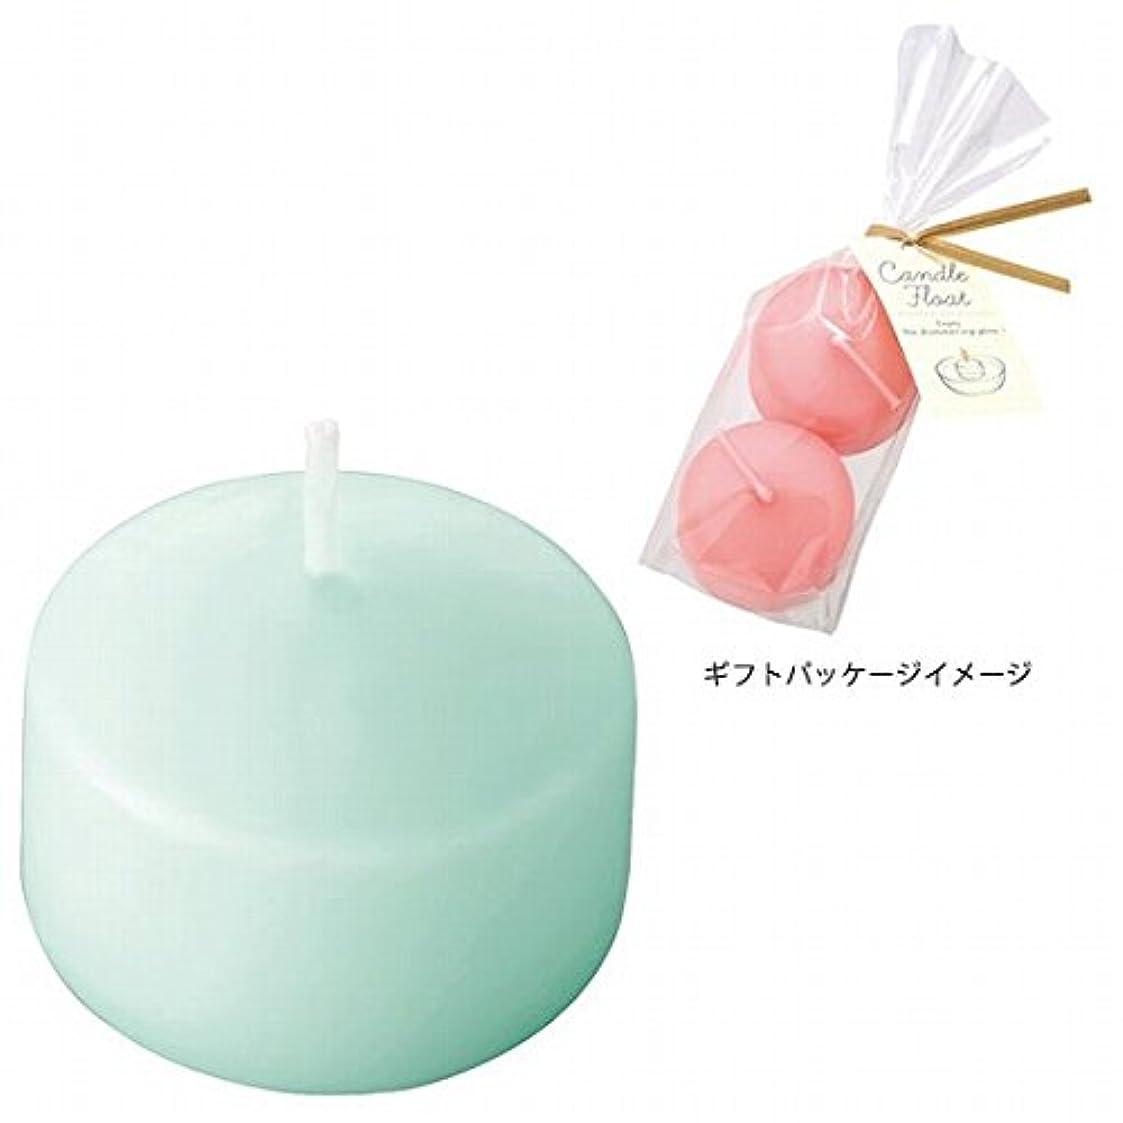 質量公平な前者カメヤマキャンドル( kameyama candle ) ハッピープール(2個入り) キャンドル 「ライトブルー」